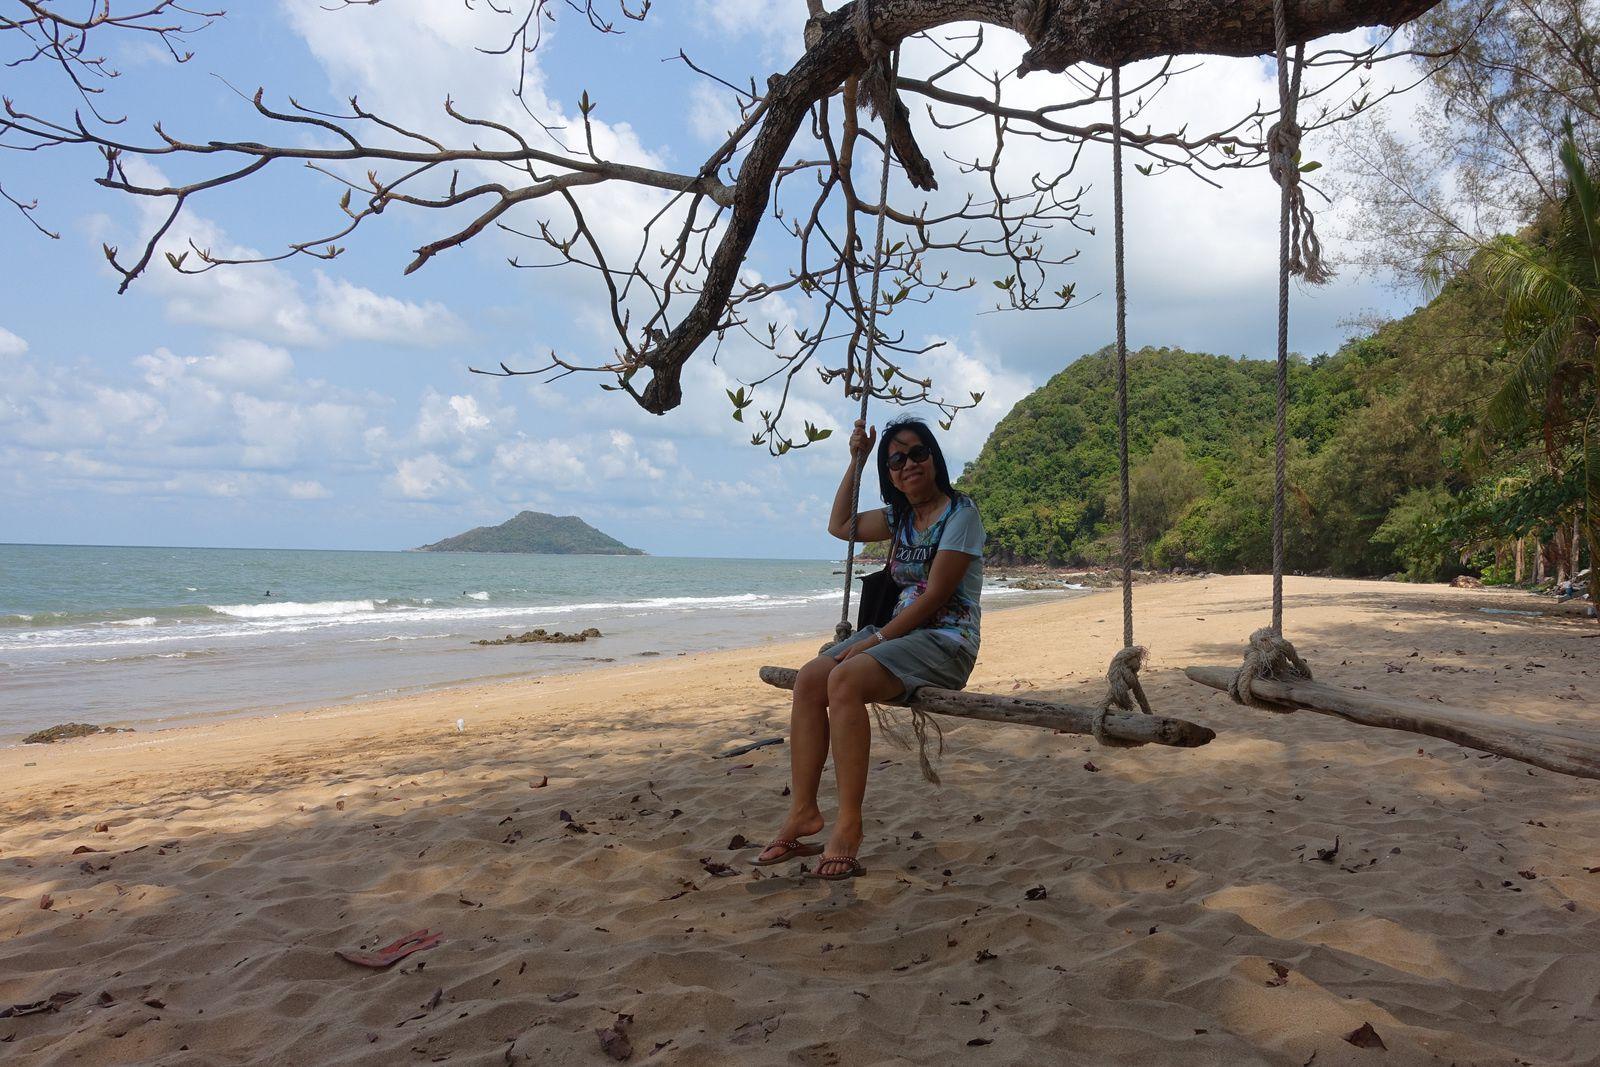 Photo numéro 18  (Petite plage près de Khlong Khut Chantaburi)